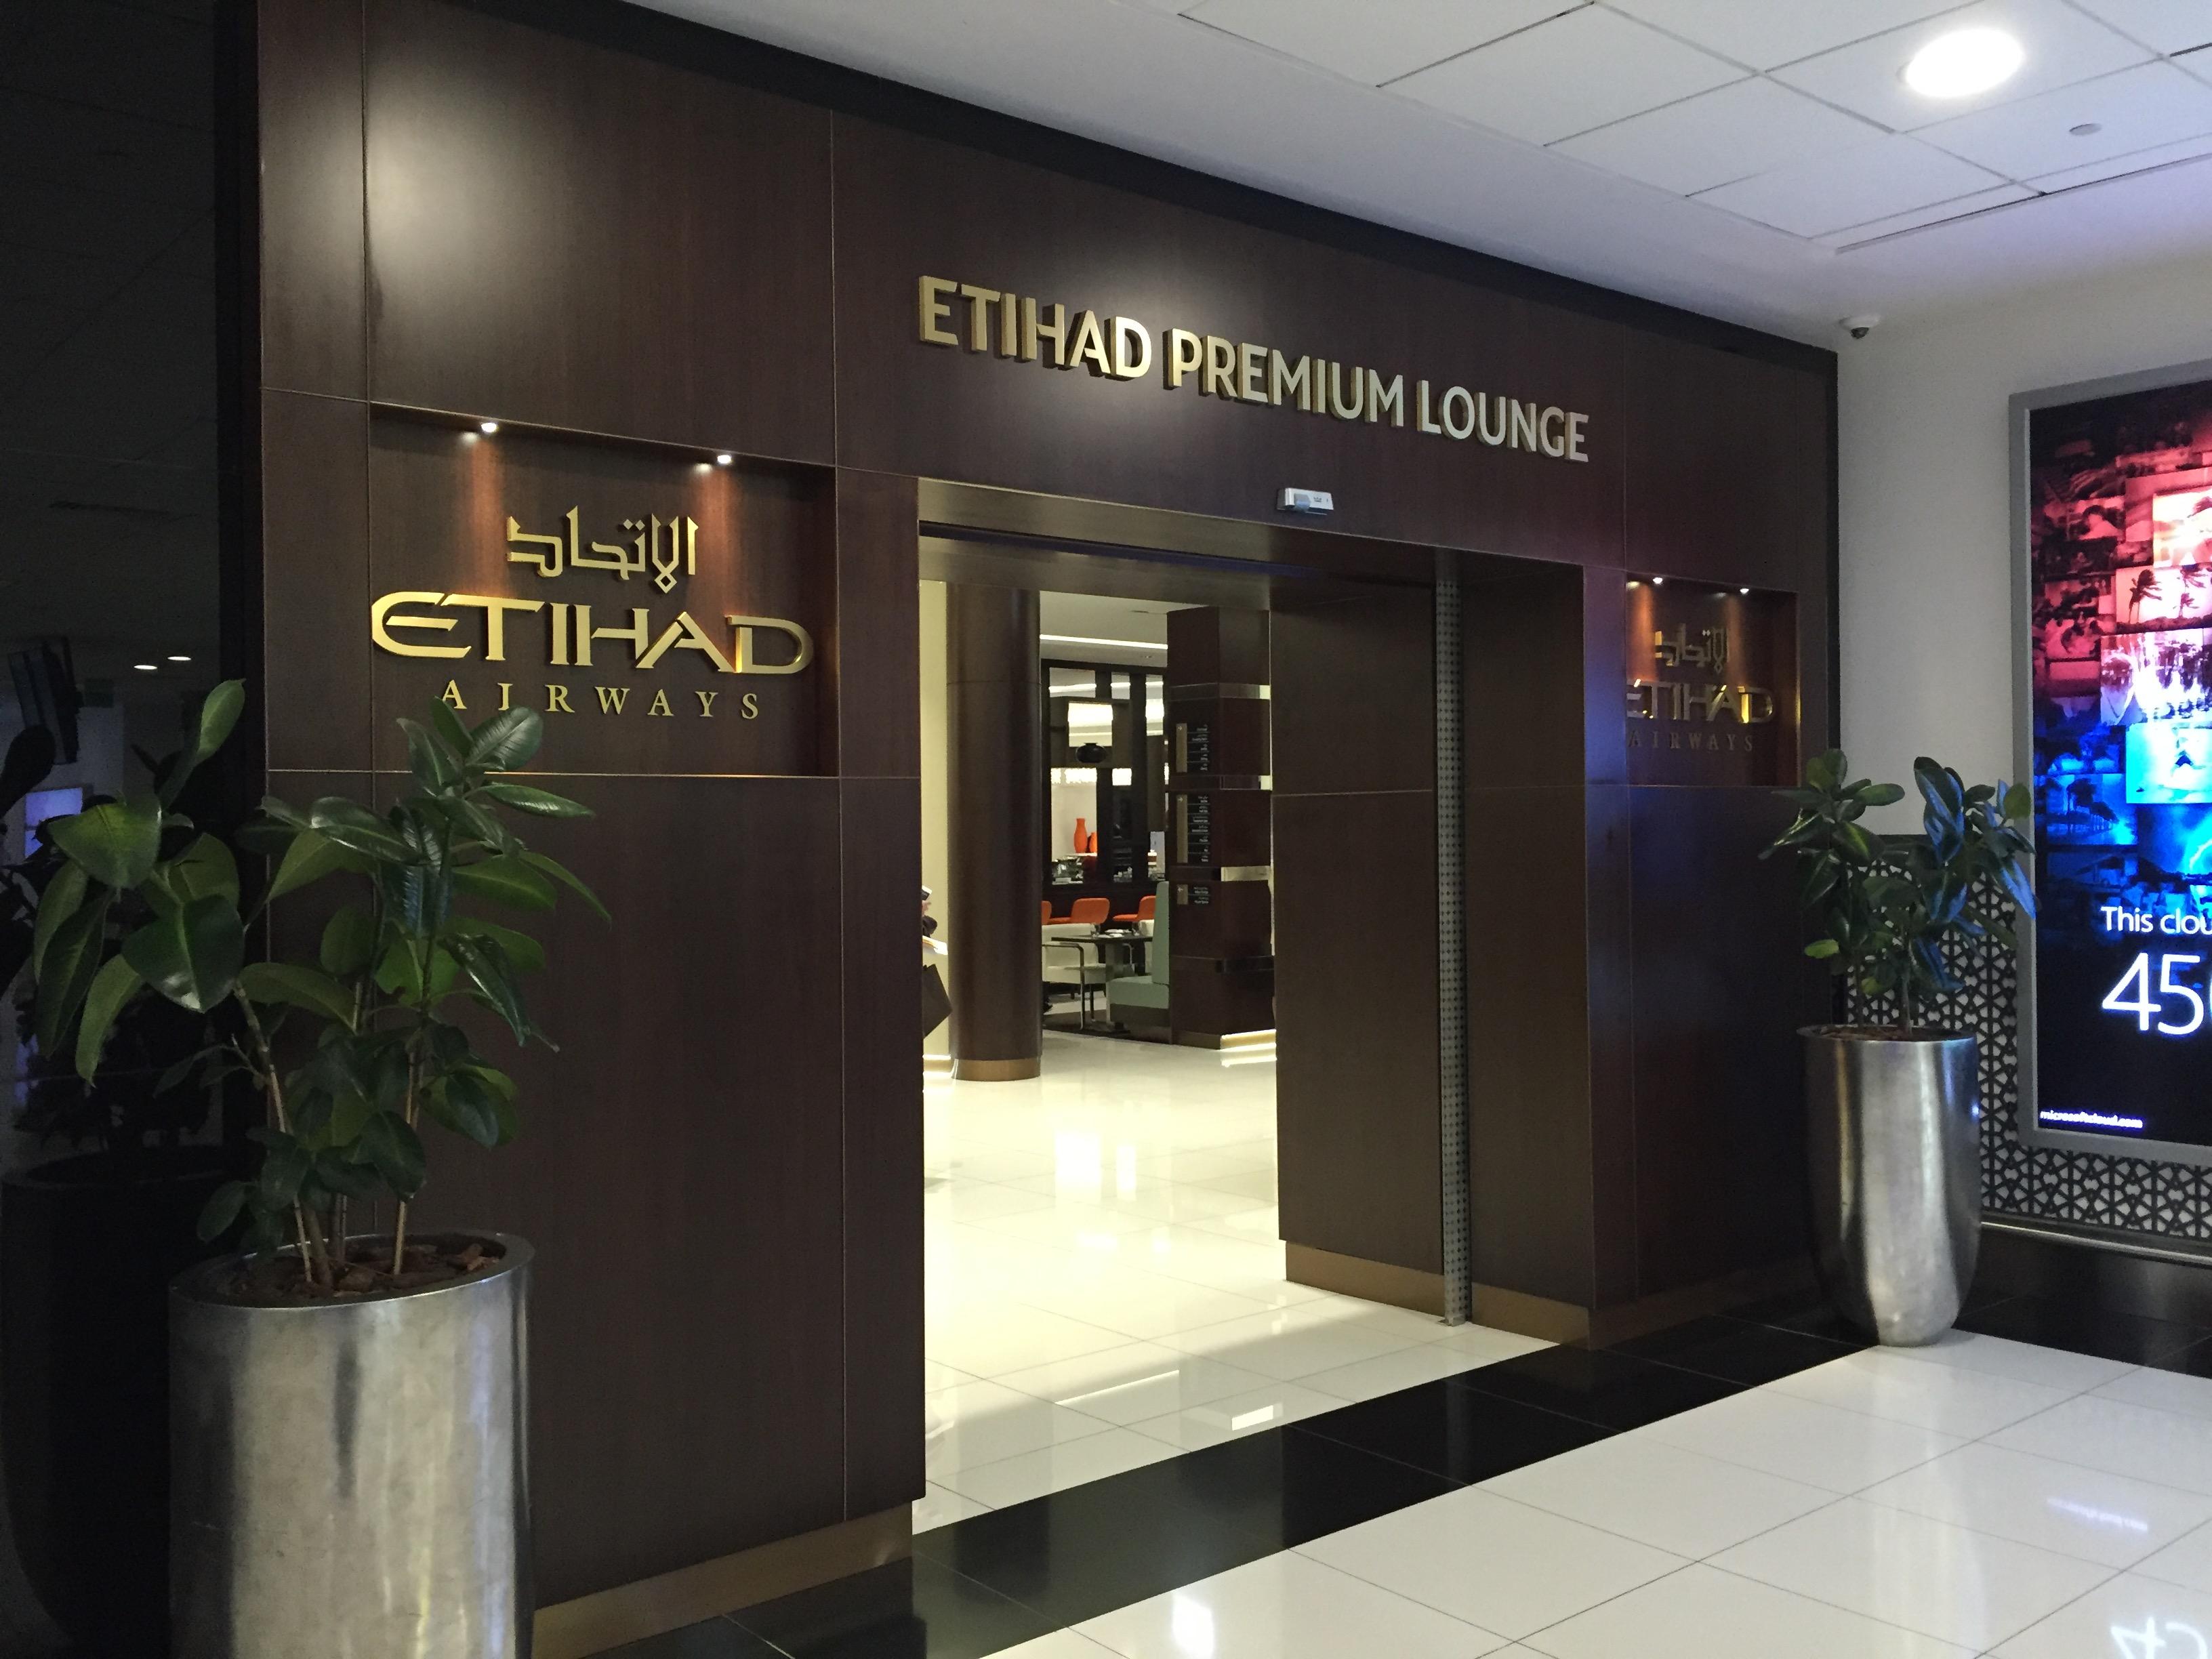 Etihad Premium Lounge